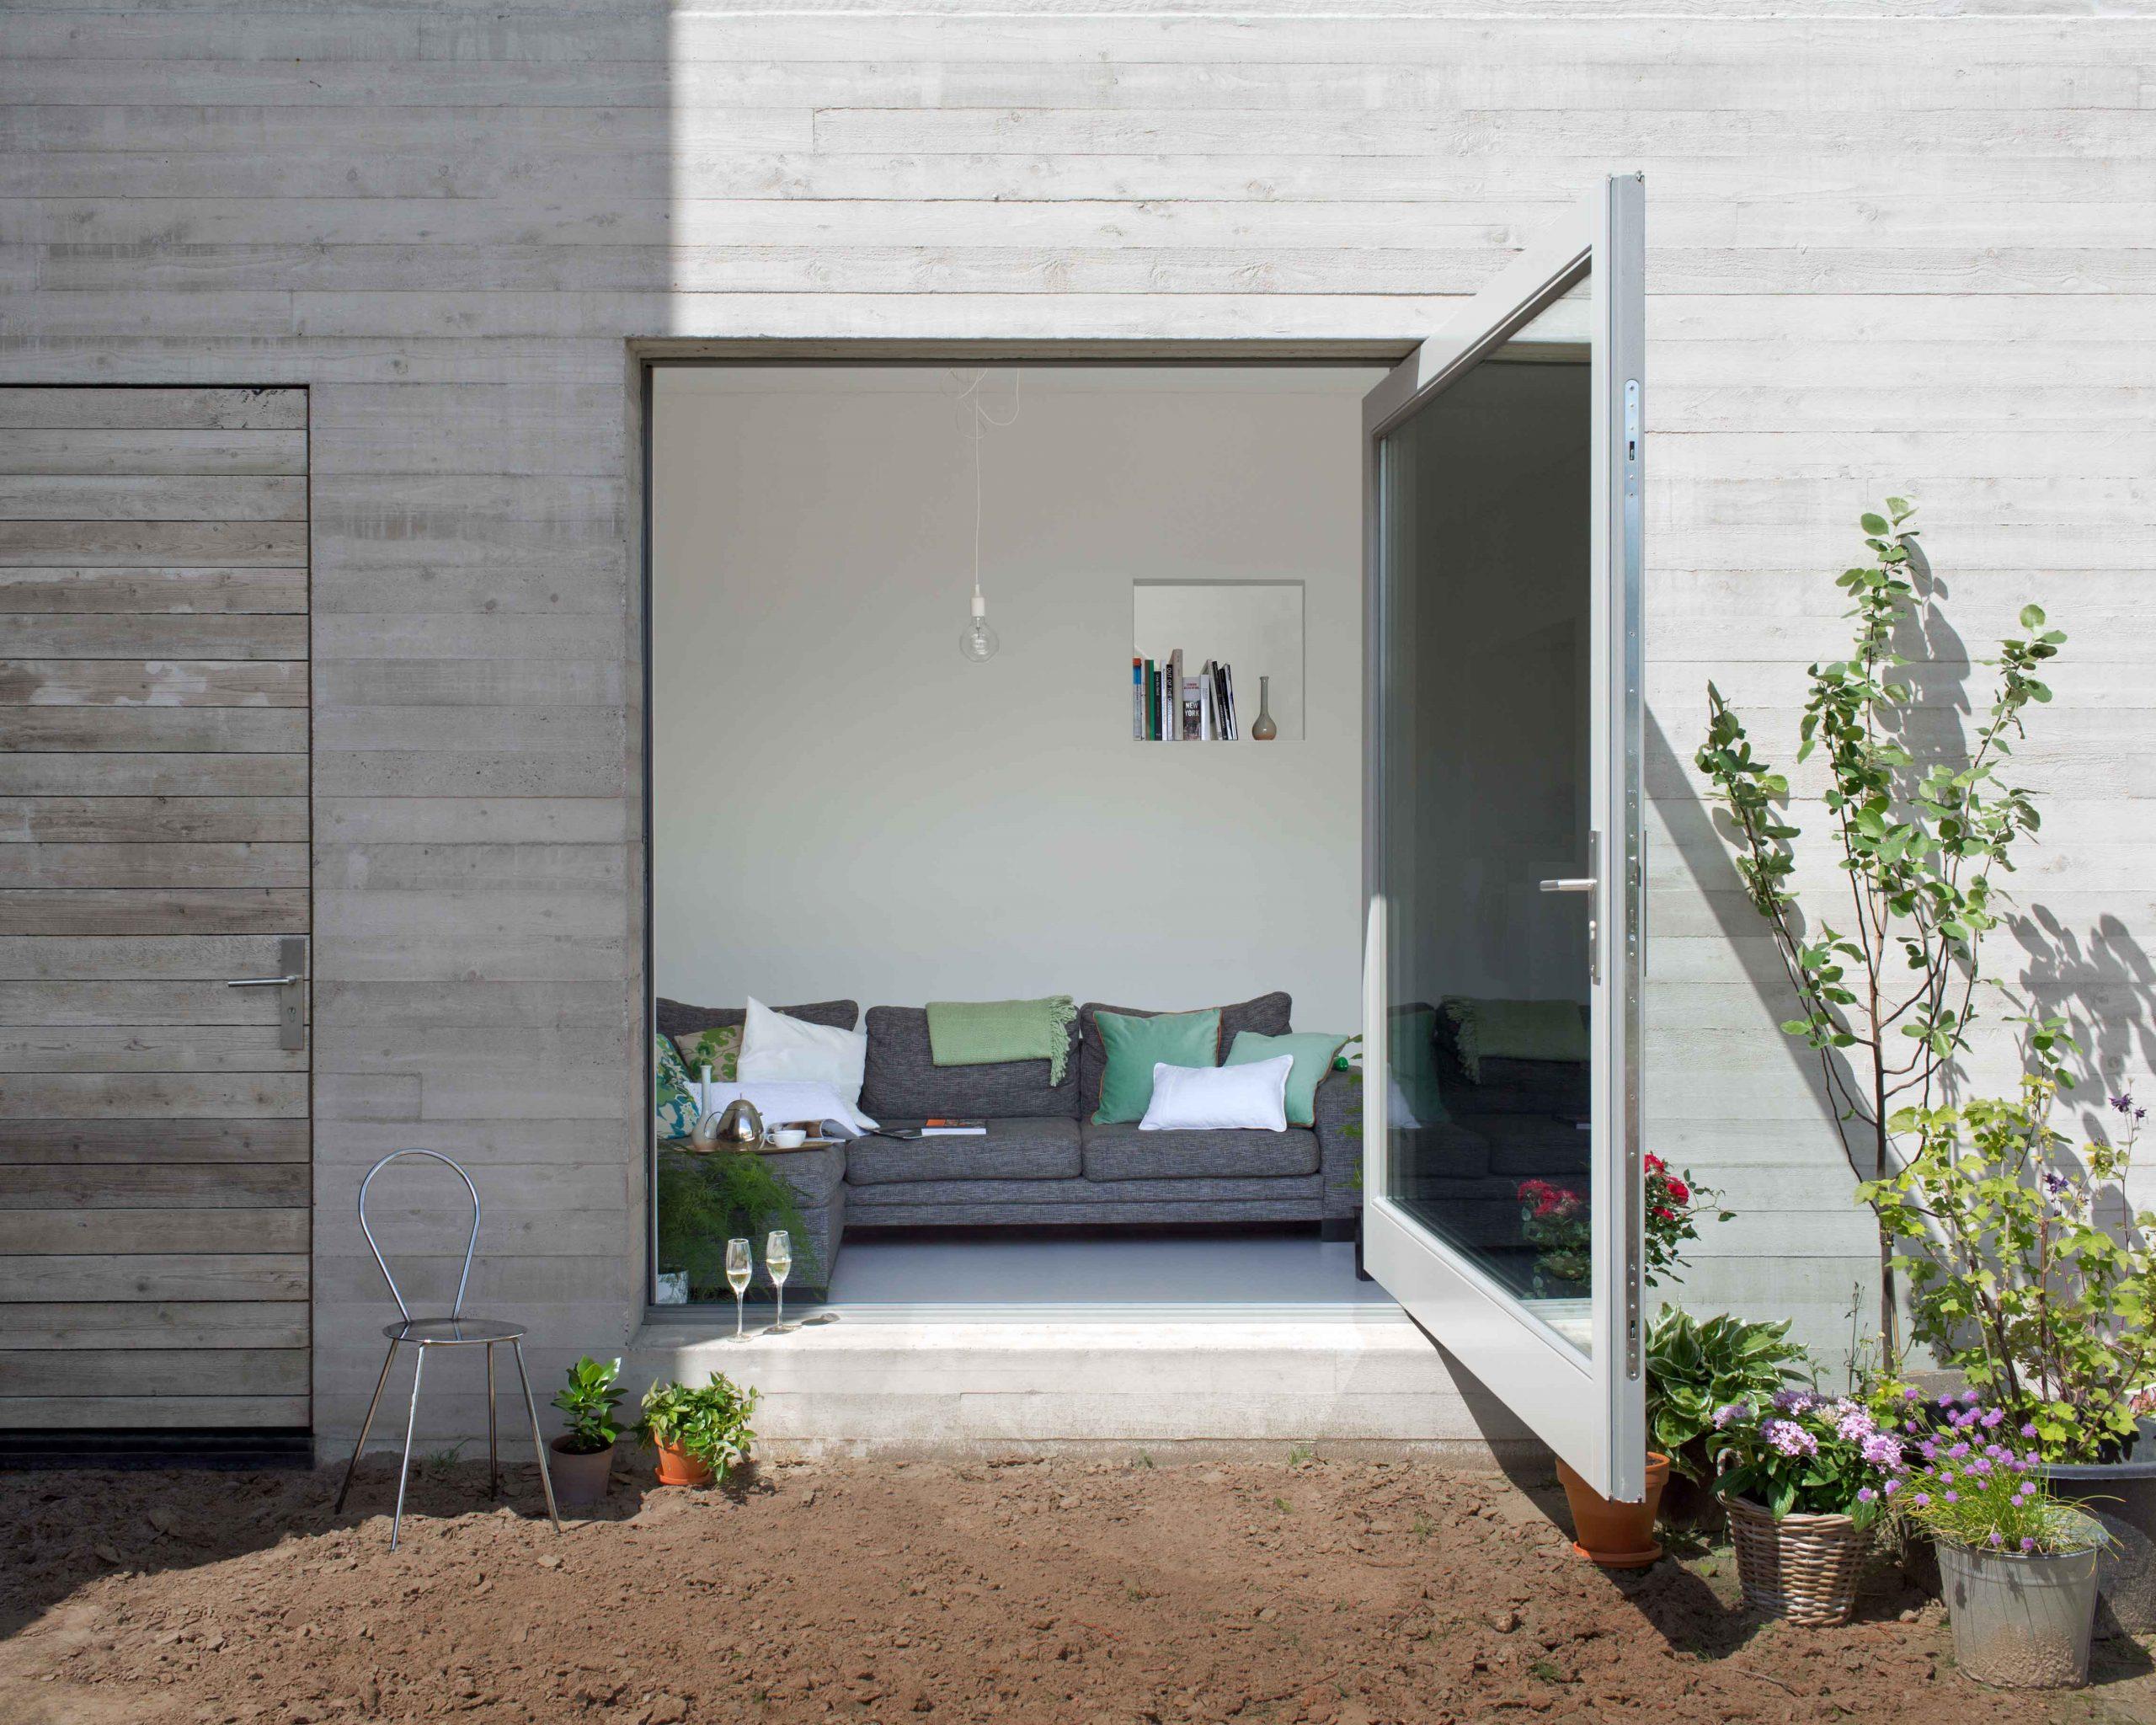 grote-glazen-taatsdeur-richting-de-tuin-met-wit-stalen-frame-1-scaled.jpg